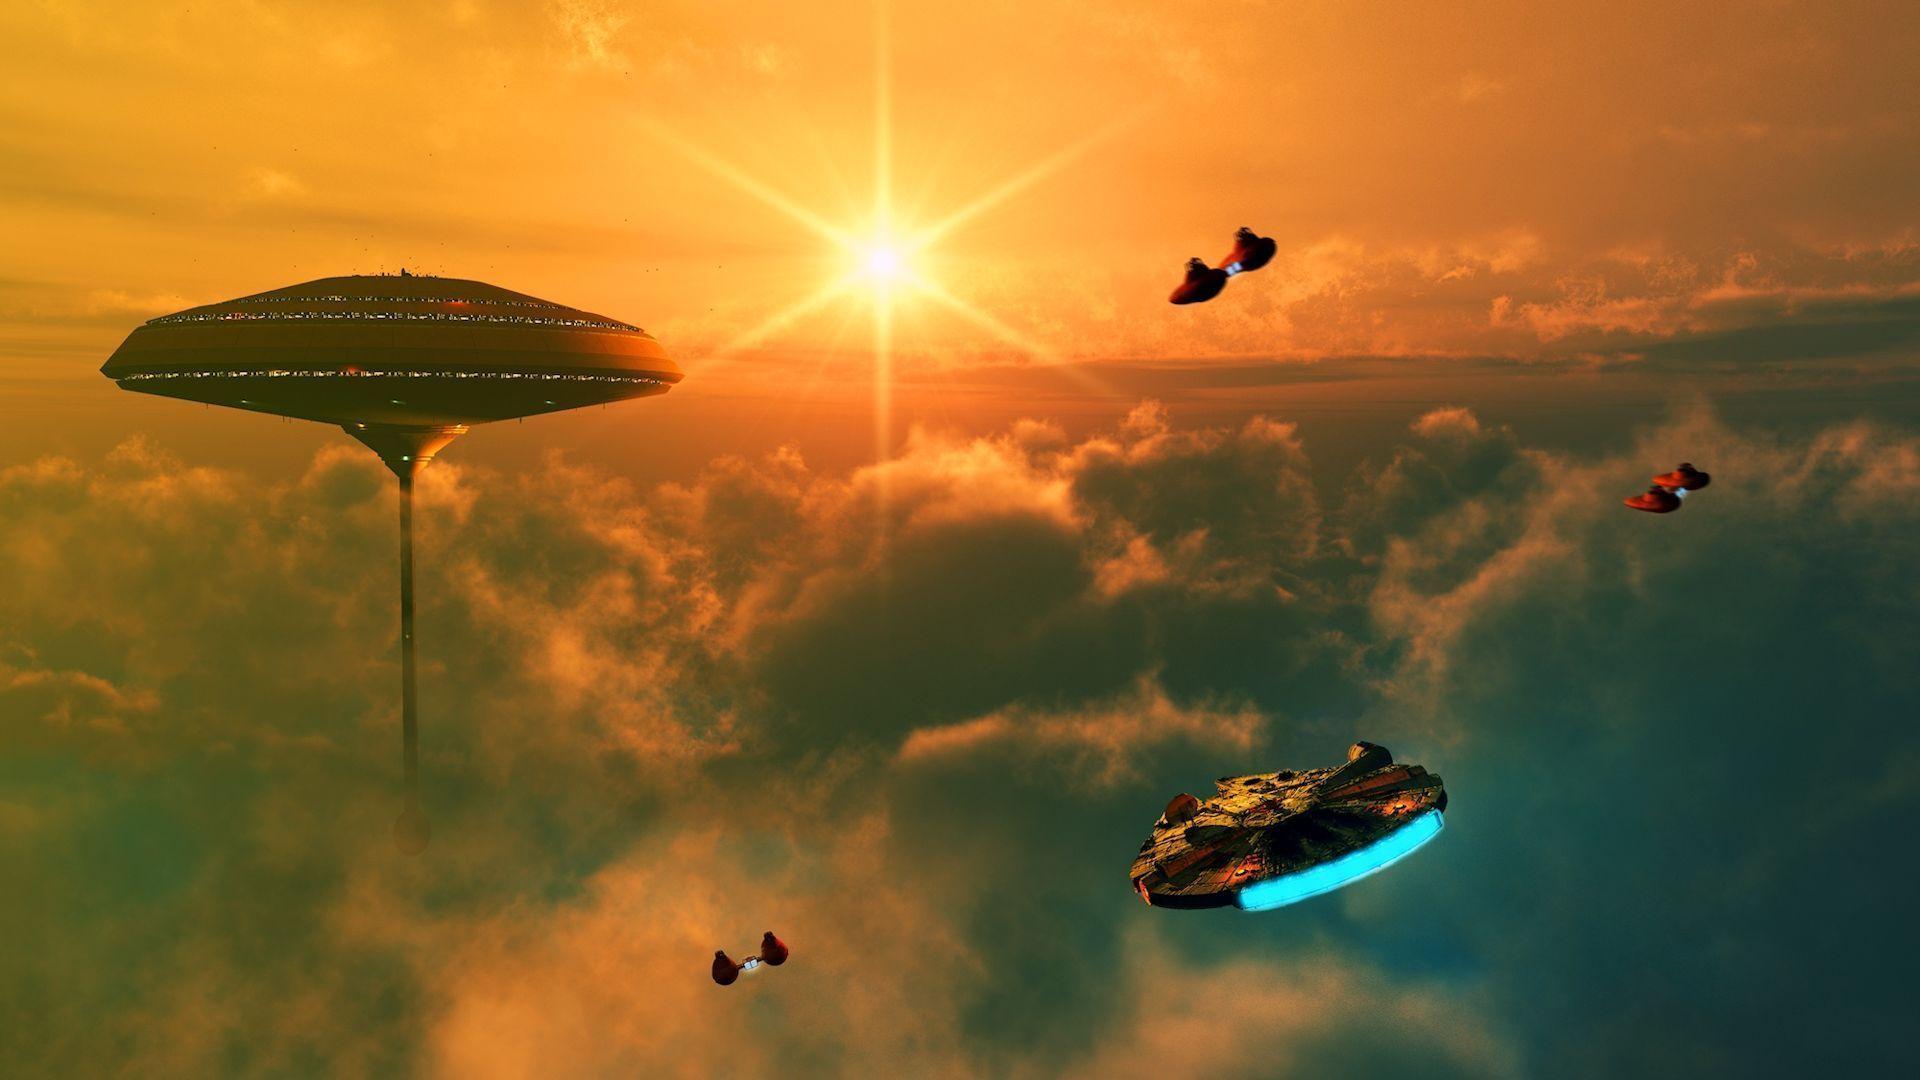 Sci Fi Desktop Backgrounds: Sci Fi Desktop Backgrounds